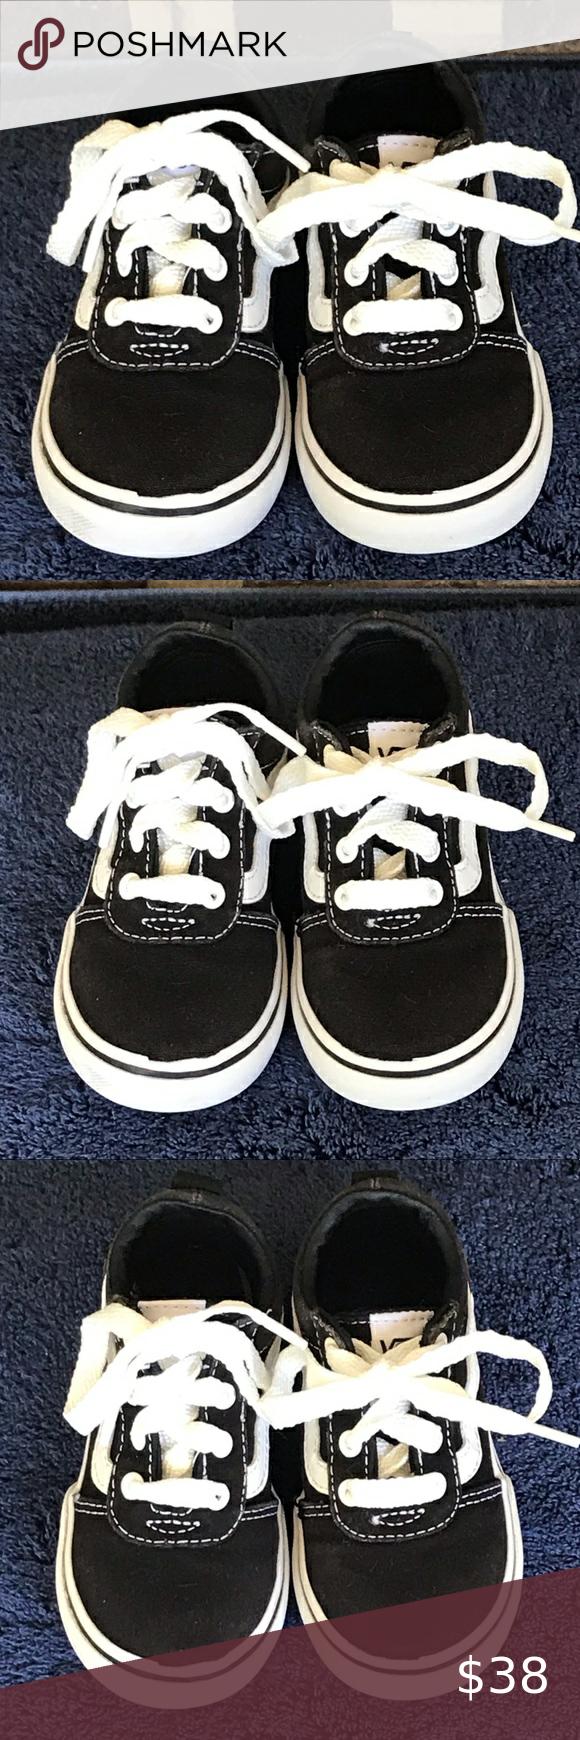 Vans Infant Toddler Skate Shoes Size 7